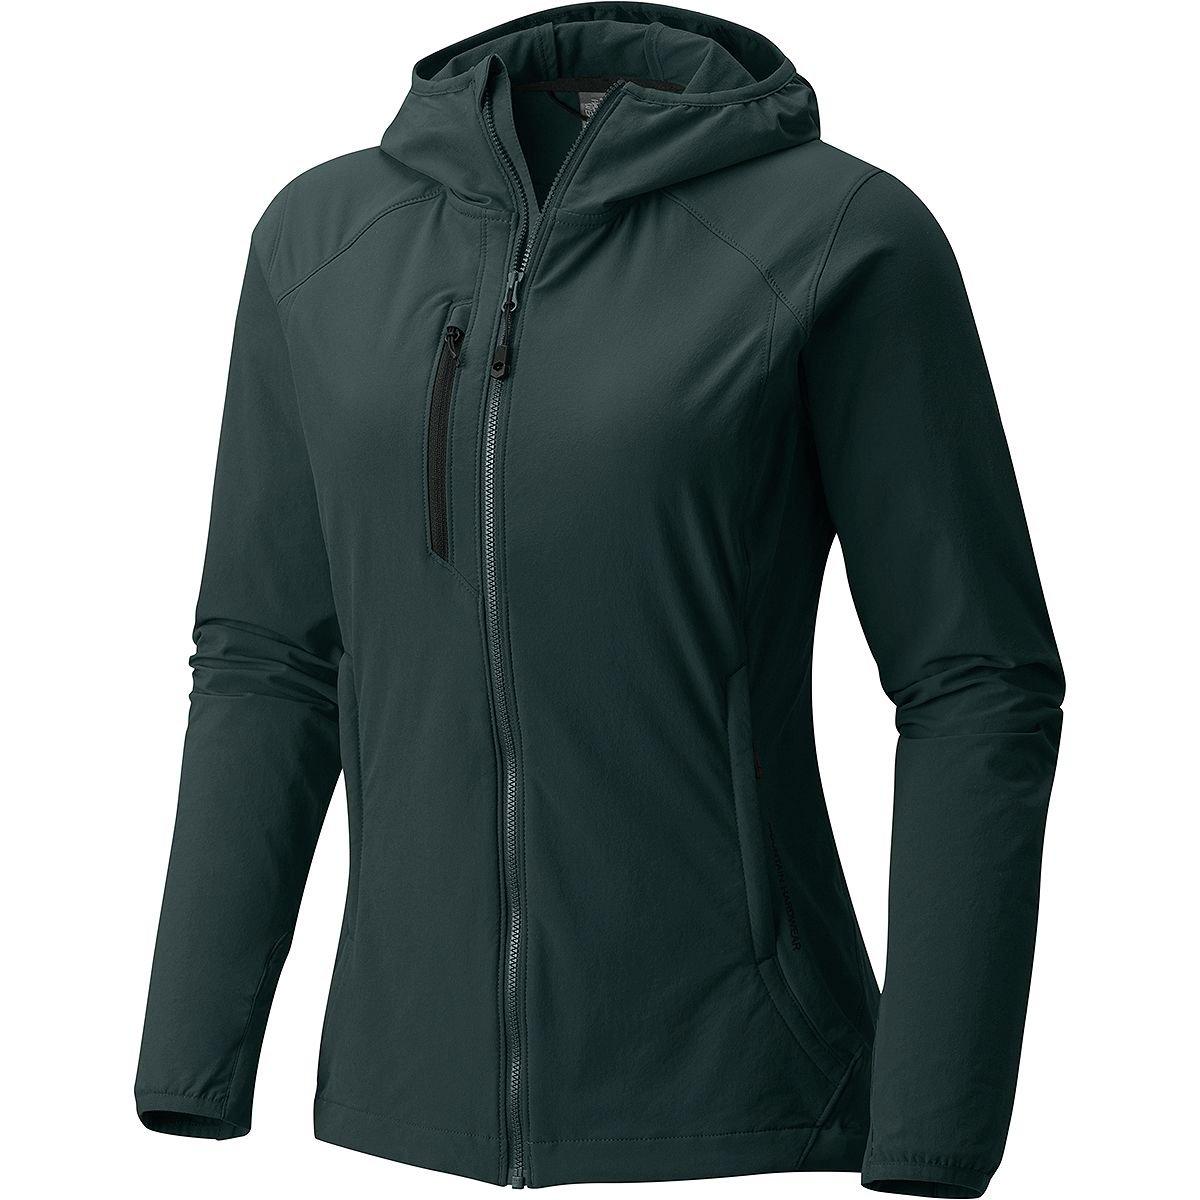 bluee Spruce Mountain Hardwear Women's Super Chockstone Hooded Jacket